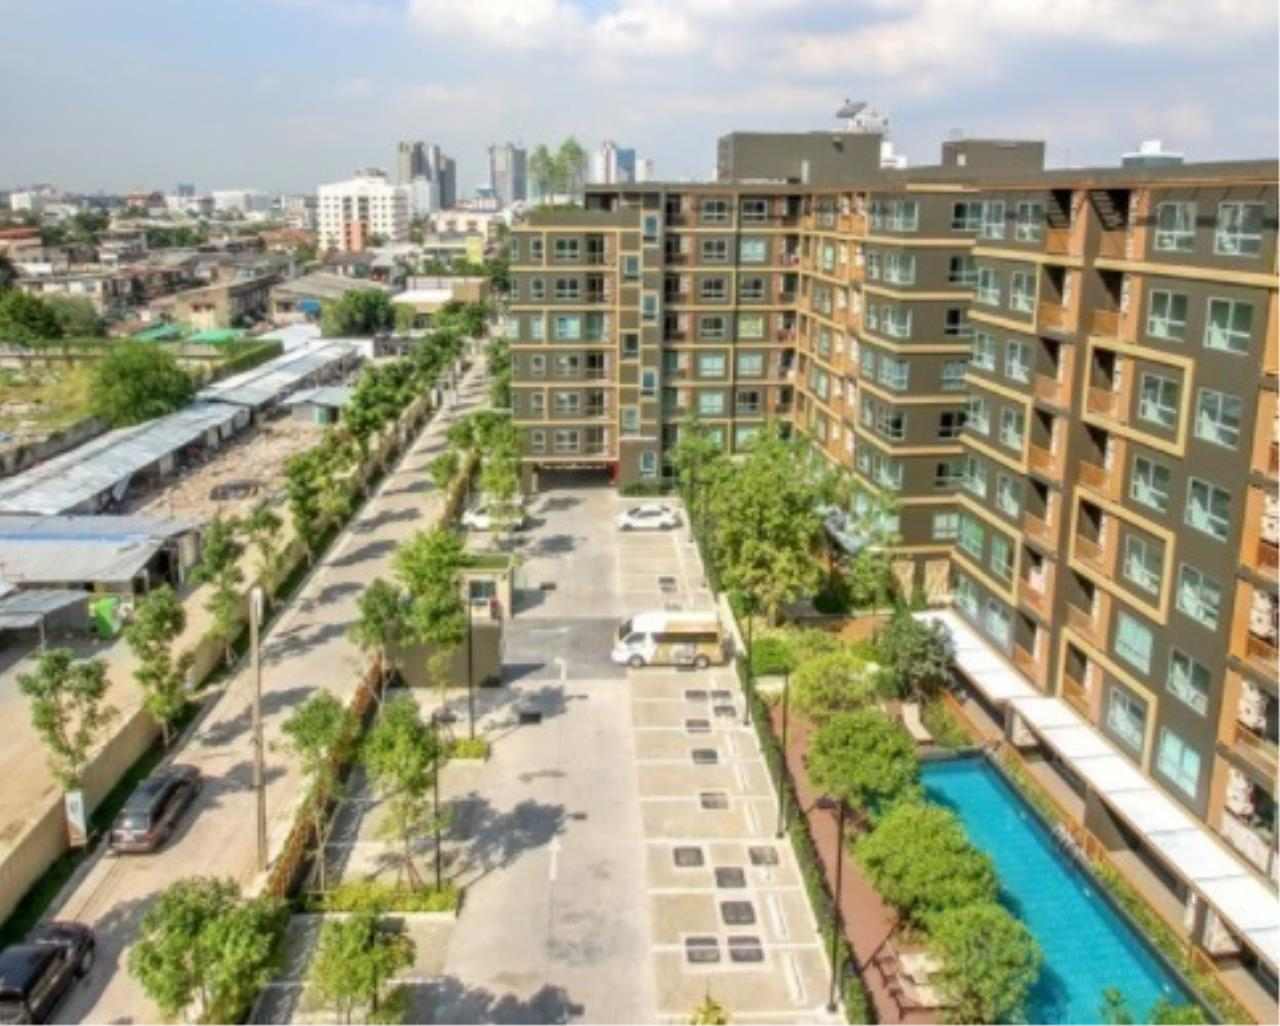 metro luxe paholyothin sutthisan condo bangkok 59c8be18a12eda19a2003ef0_full